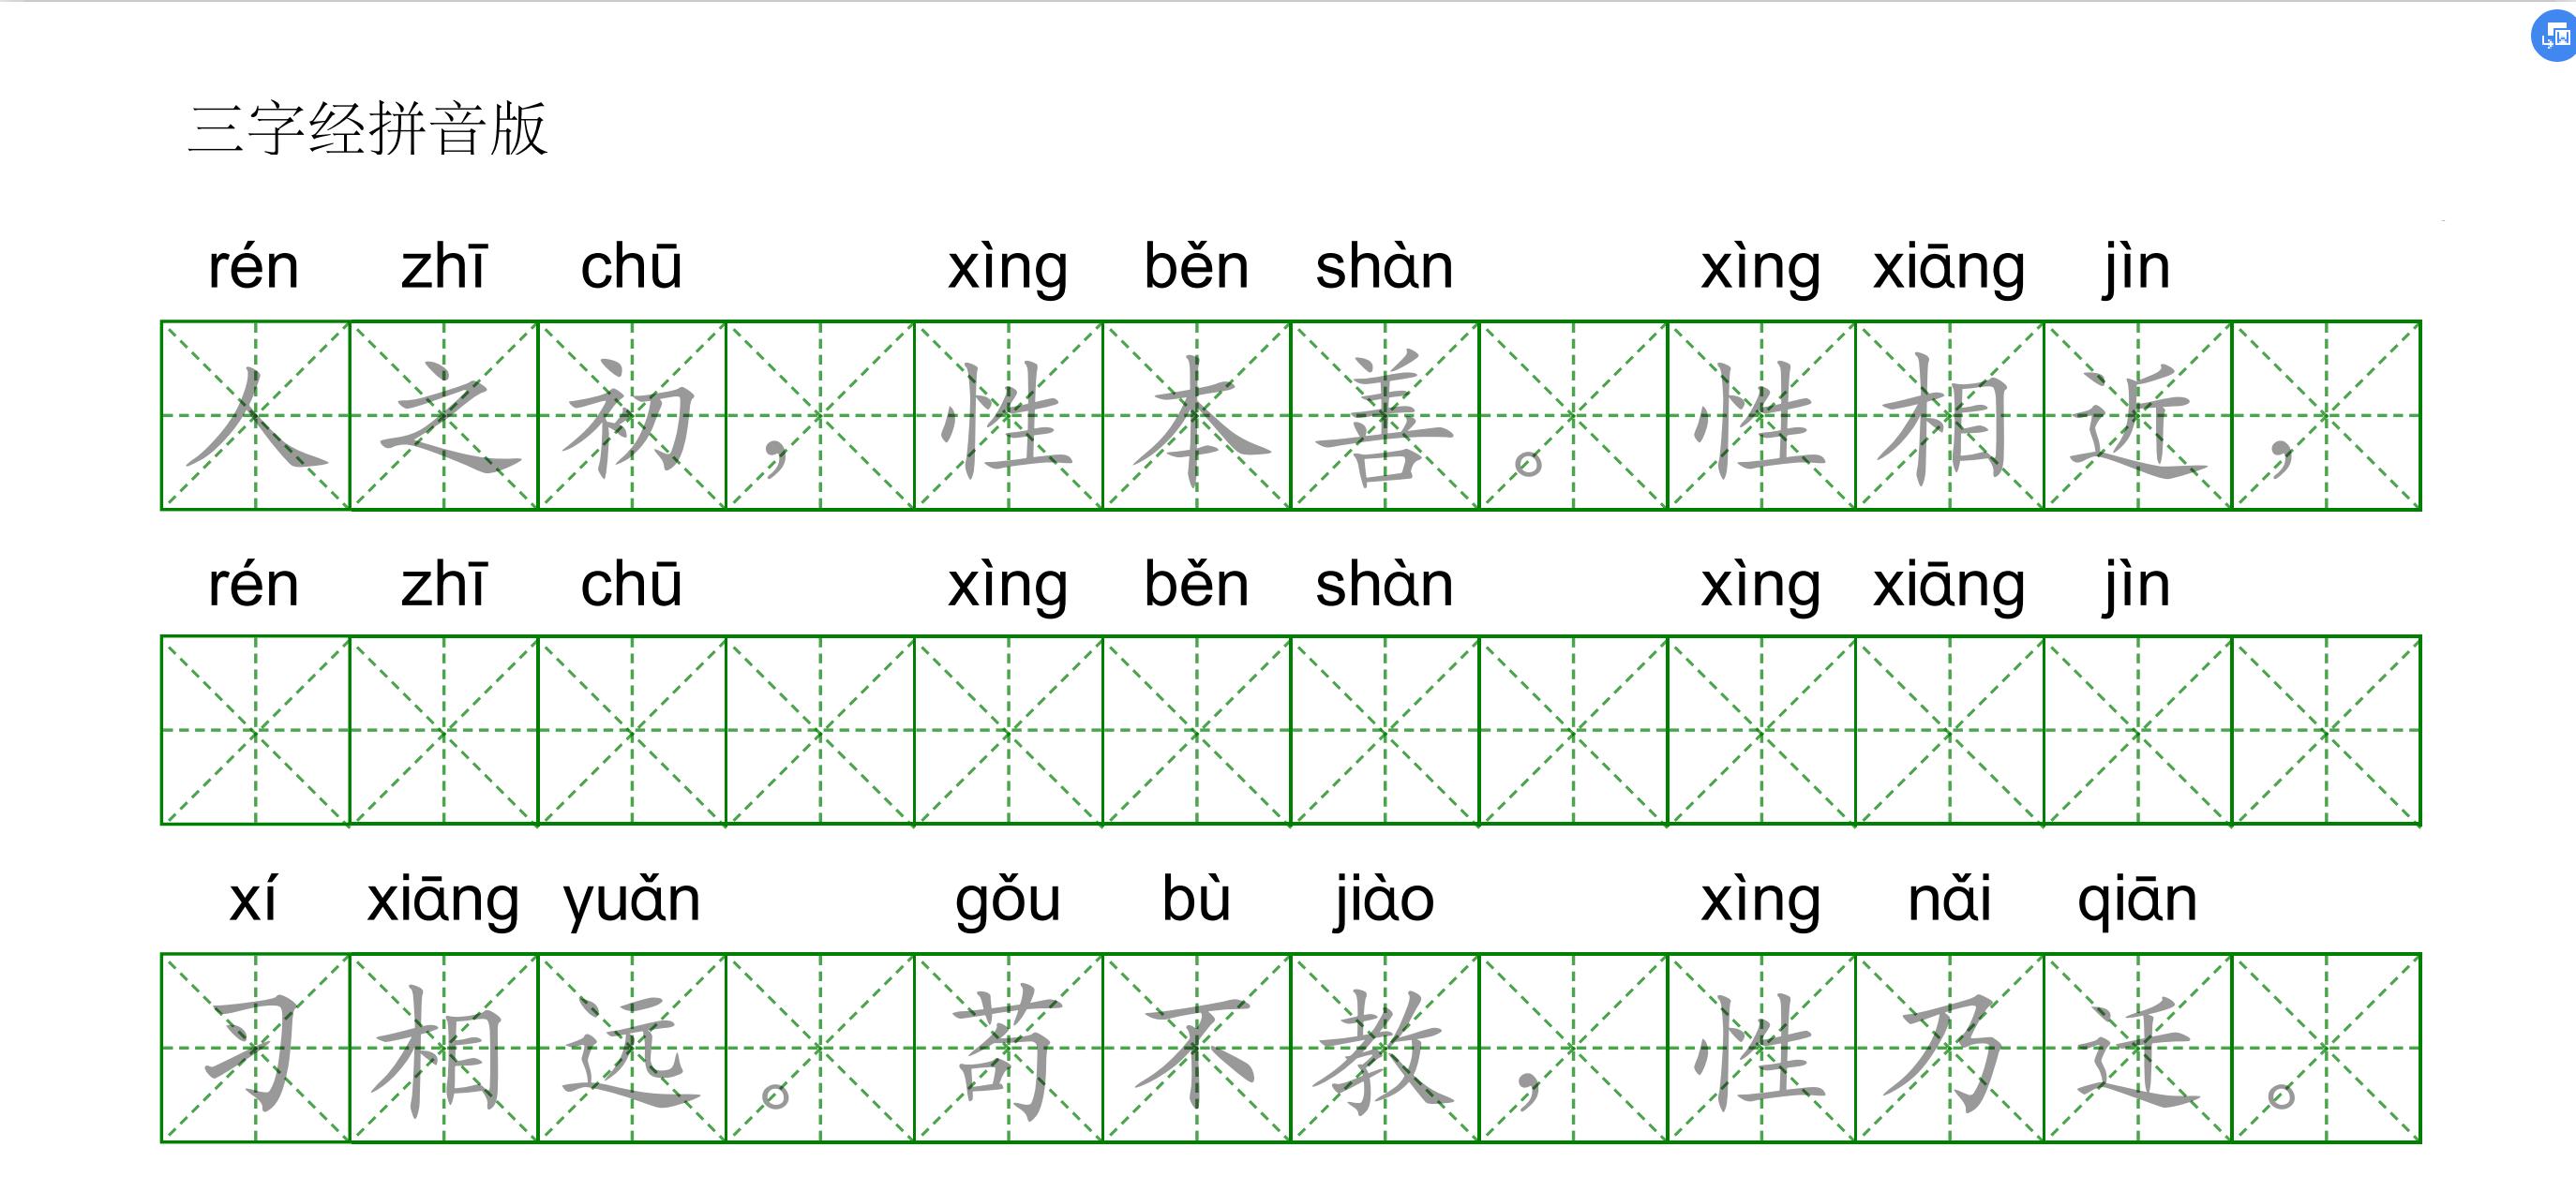 三字经拼音版米字格汉子练习贴可打印